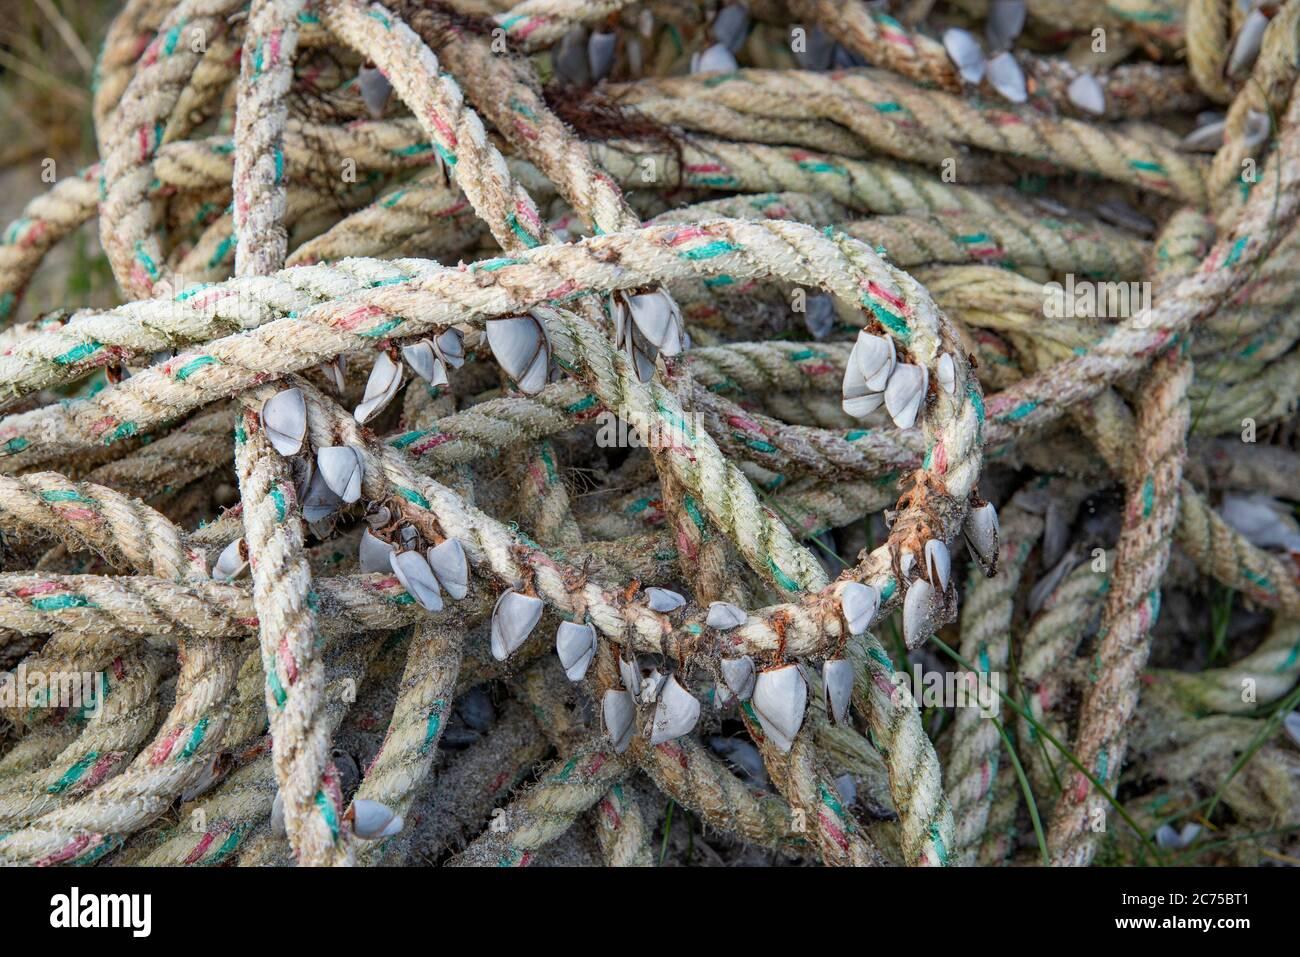 Percebes de ganso sobre una cuerda, Calgary Bay, Calgary, Isle of Mull, Argyll y Bute, Escocia, Reino Unido. Foto de stock